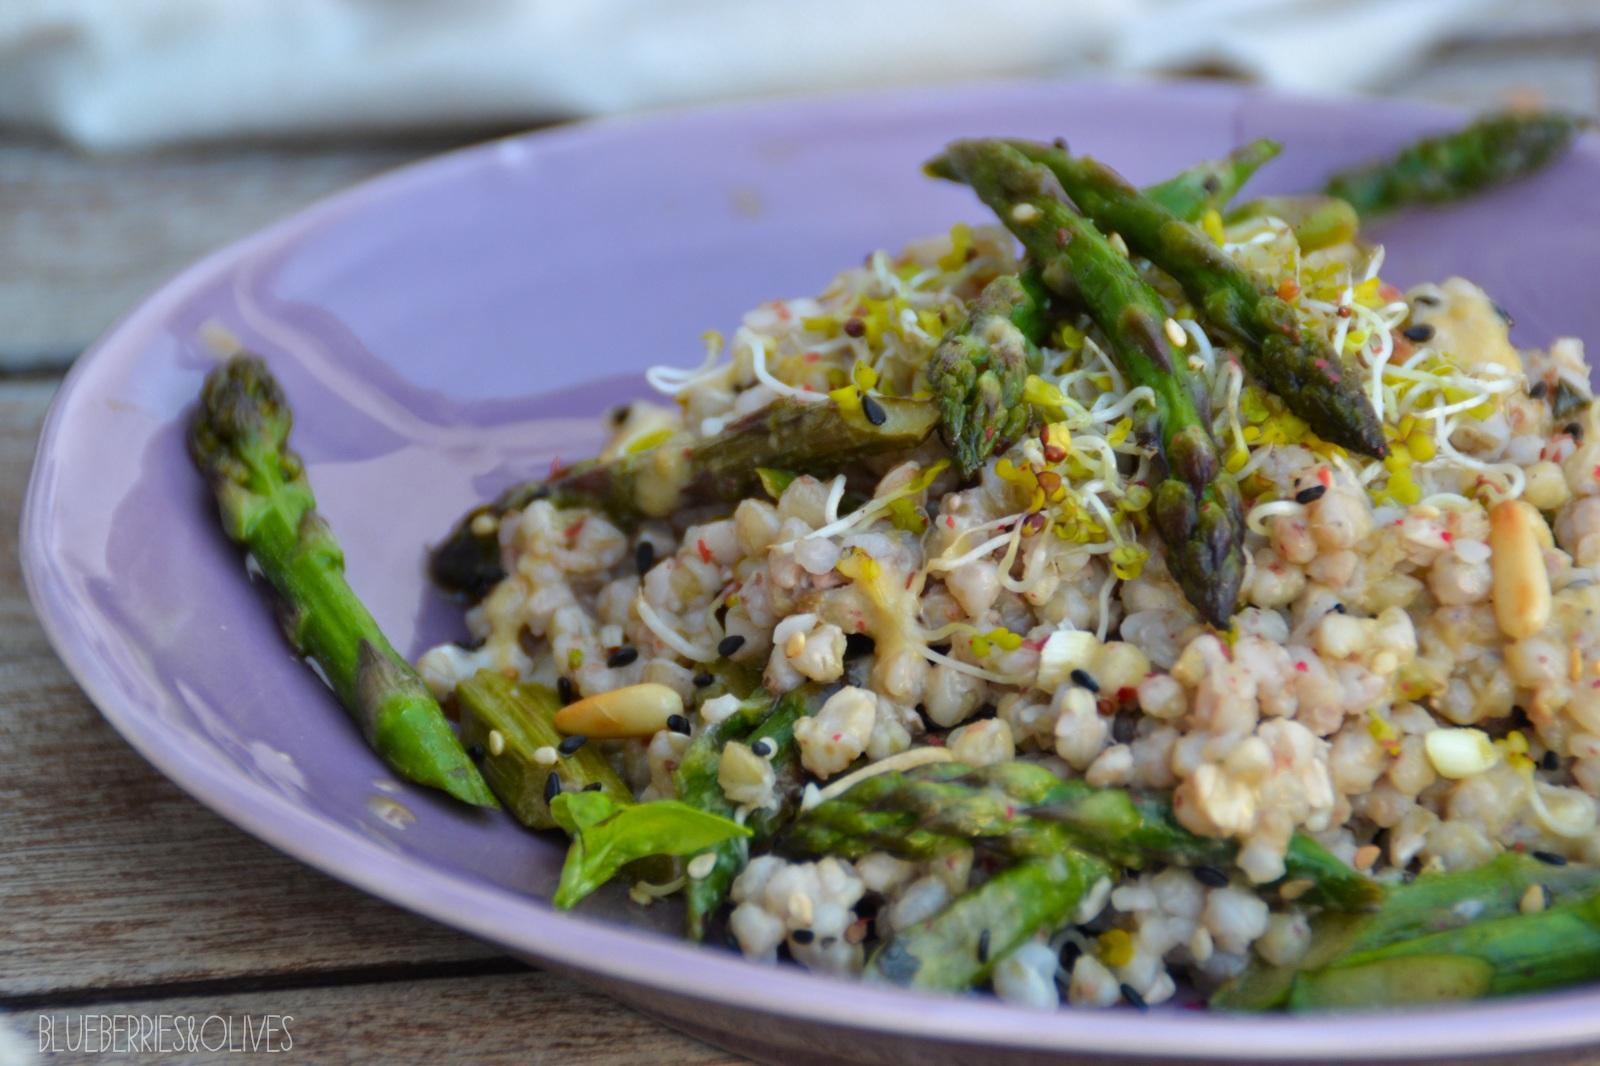 Ensalada de trigo sarraceno y espárragos con aderezo de tahini 1